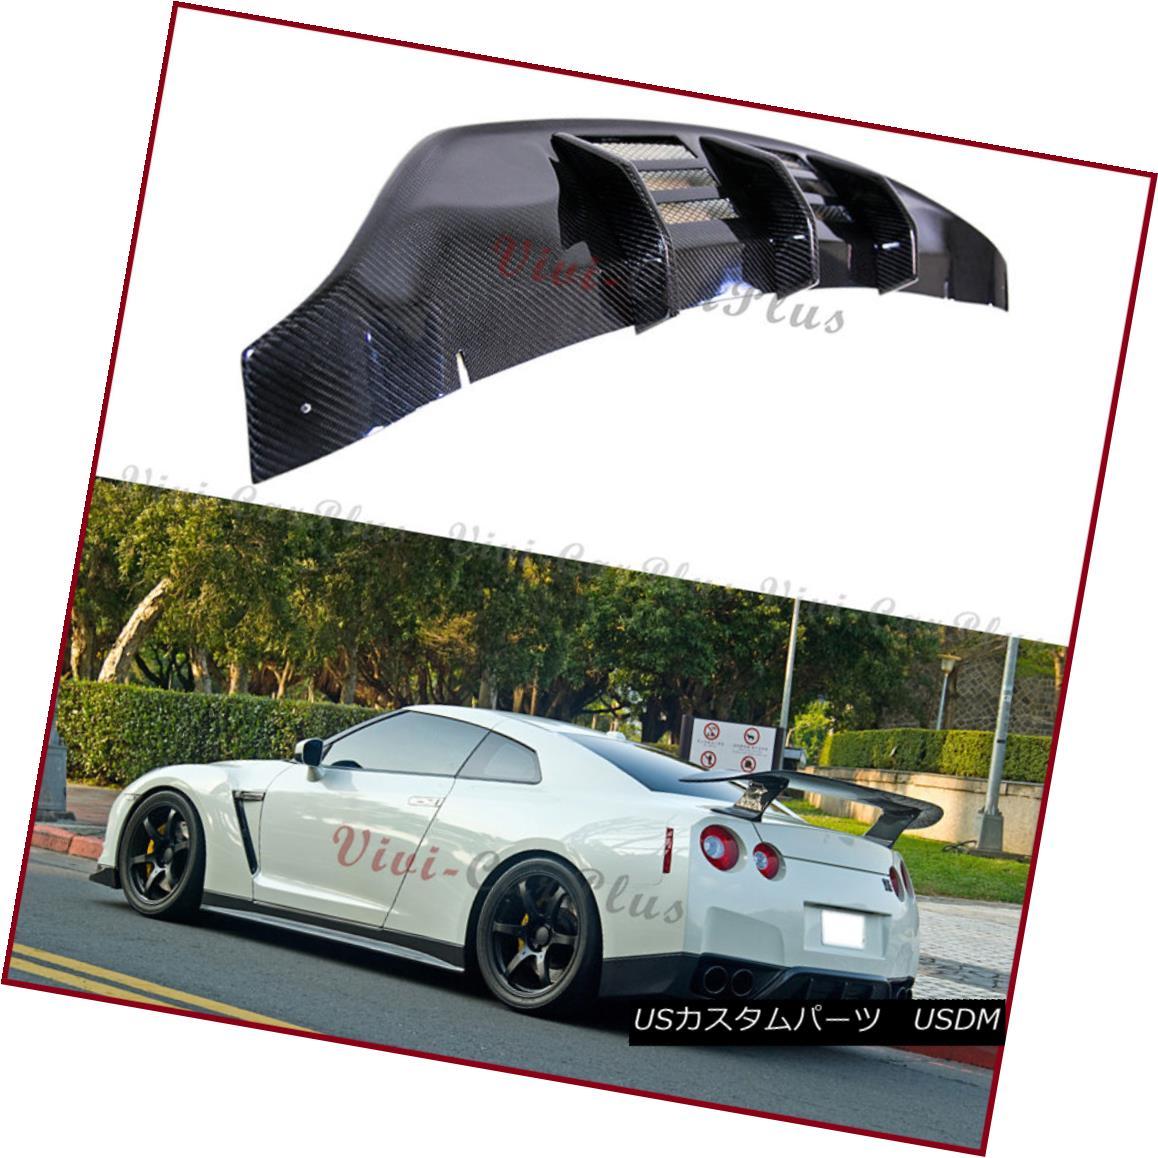 エアロパーツ For 08-11 Nissan GT-R R35 CBA W Type Carbon Fiber Rear Bumper Replace Diffuser 08-11日産GT-R R35 CBAタイプカーボンファイバーリアバンパーディフューザー交換